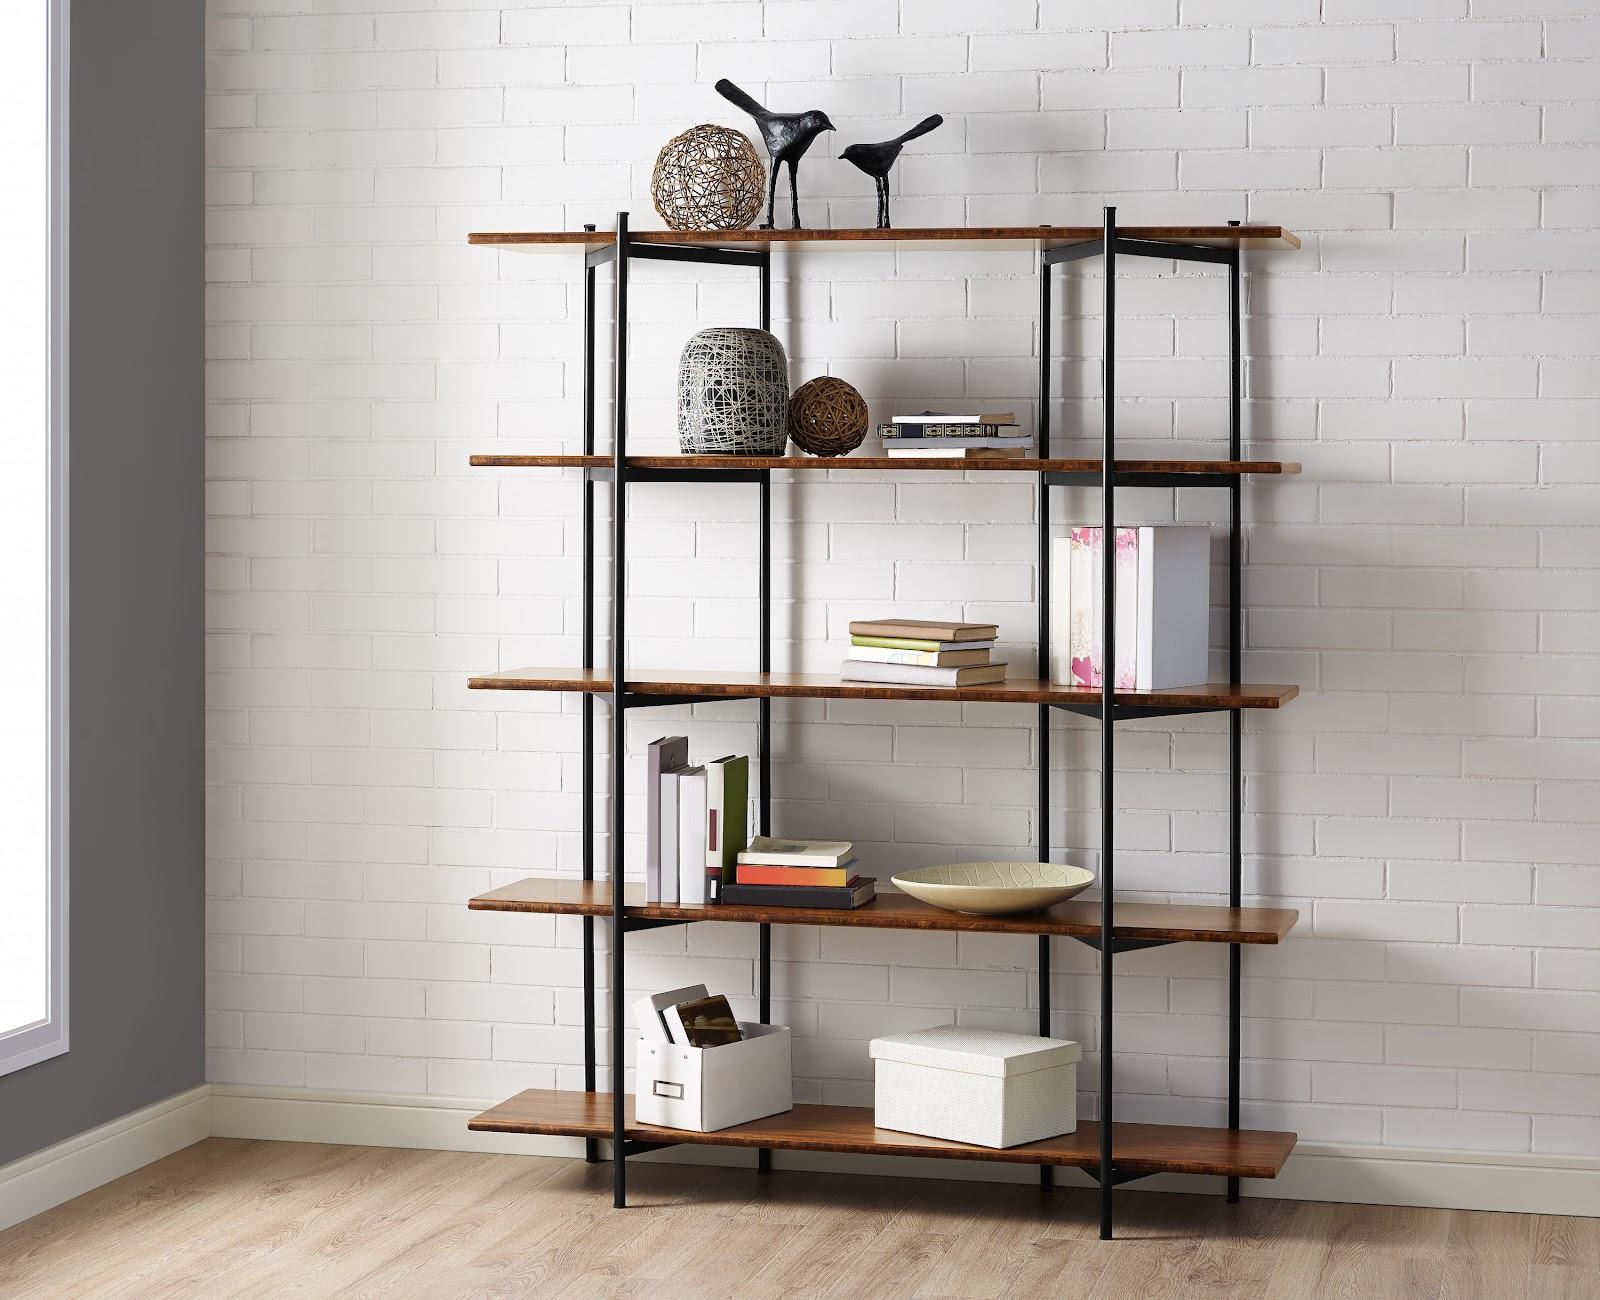 GS001E Studio Line Shelf Lifestyle 2.jpg